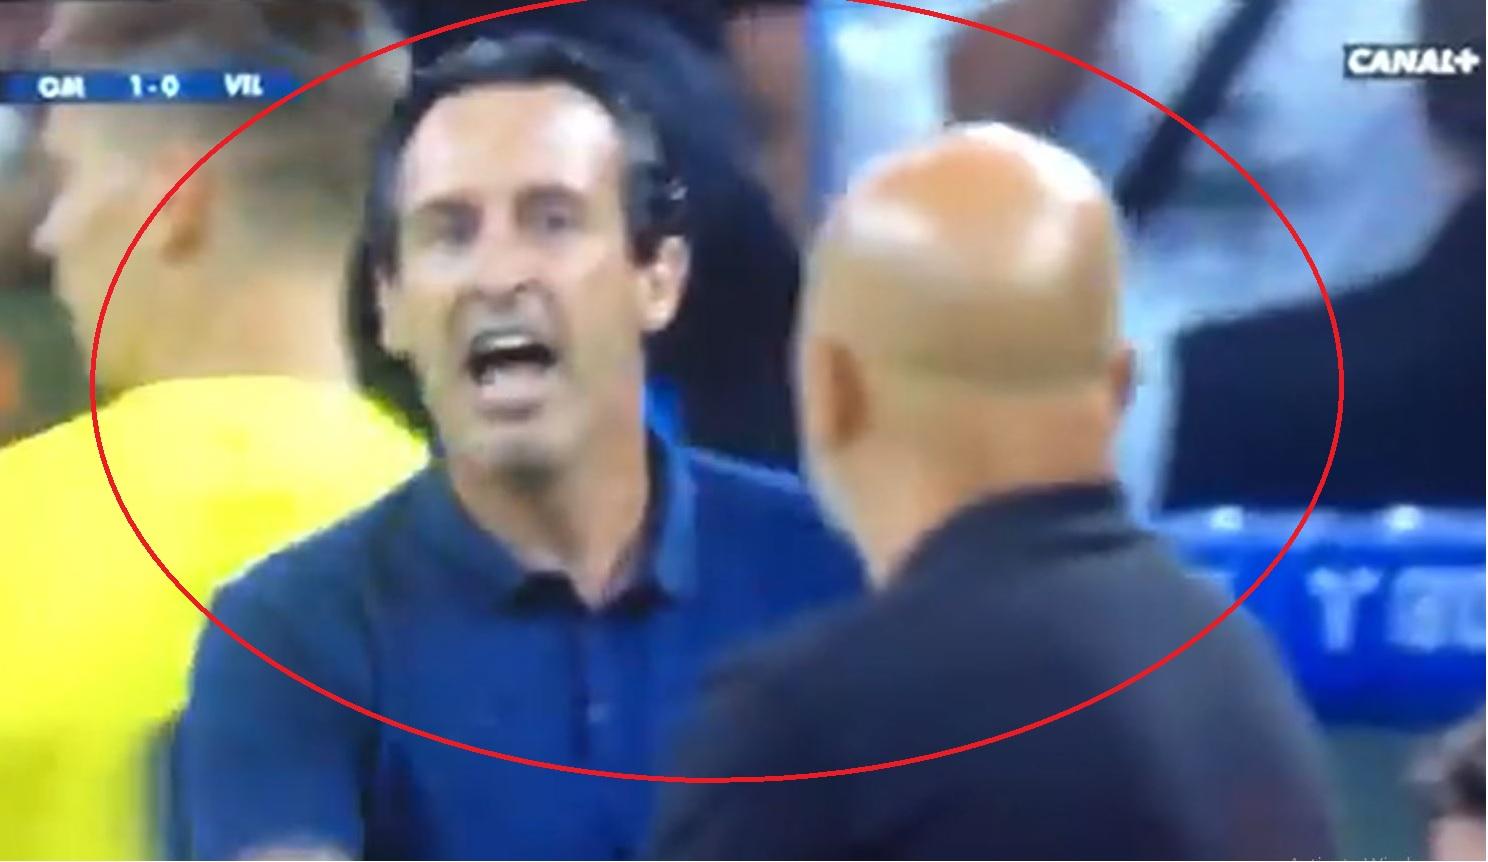 صورة انفلات أعصاب.. مدرب أرجنتيني شهير يحاول الاعتداء على إسباني (فيديو) – رياضة – عربية ودولية